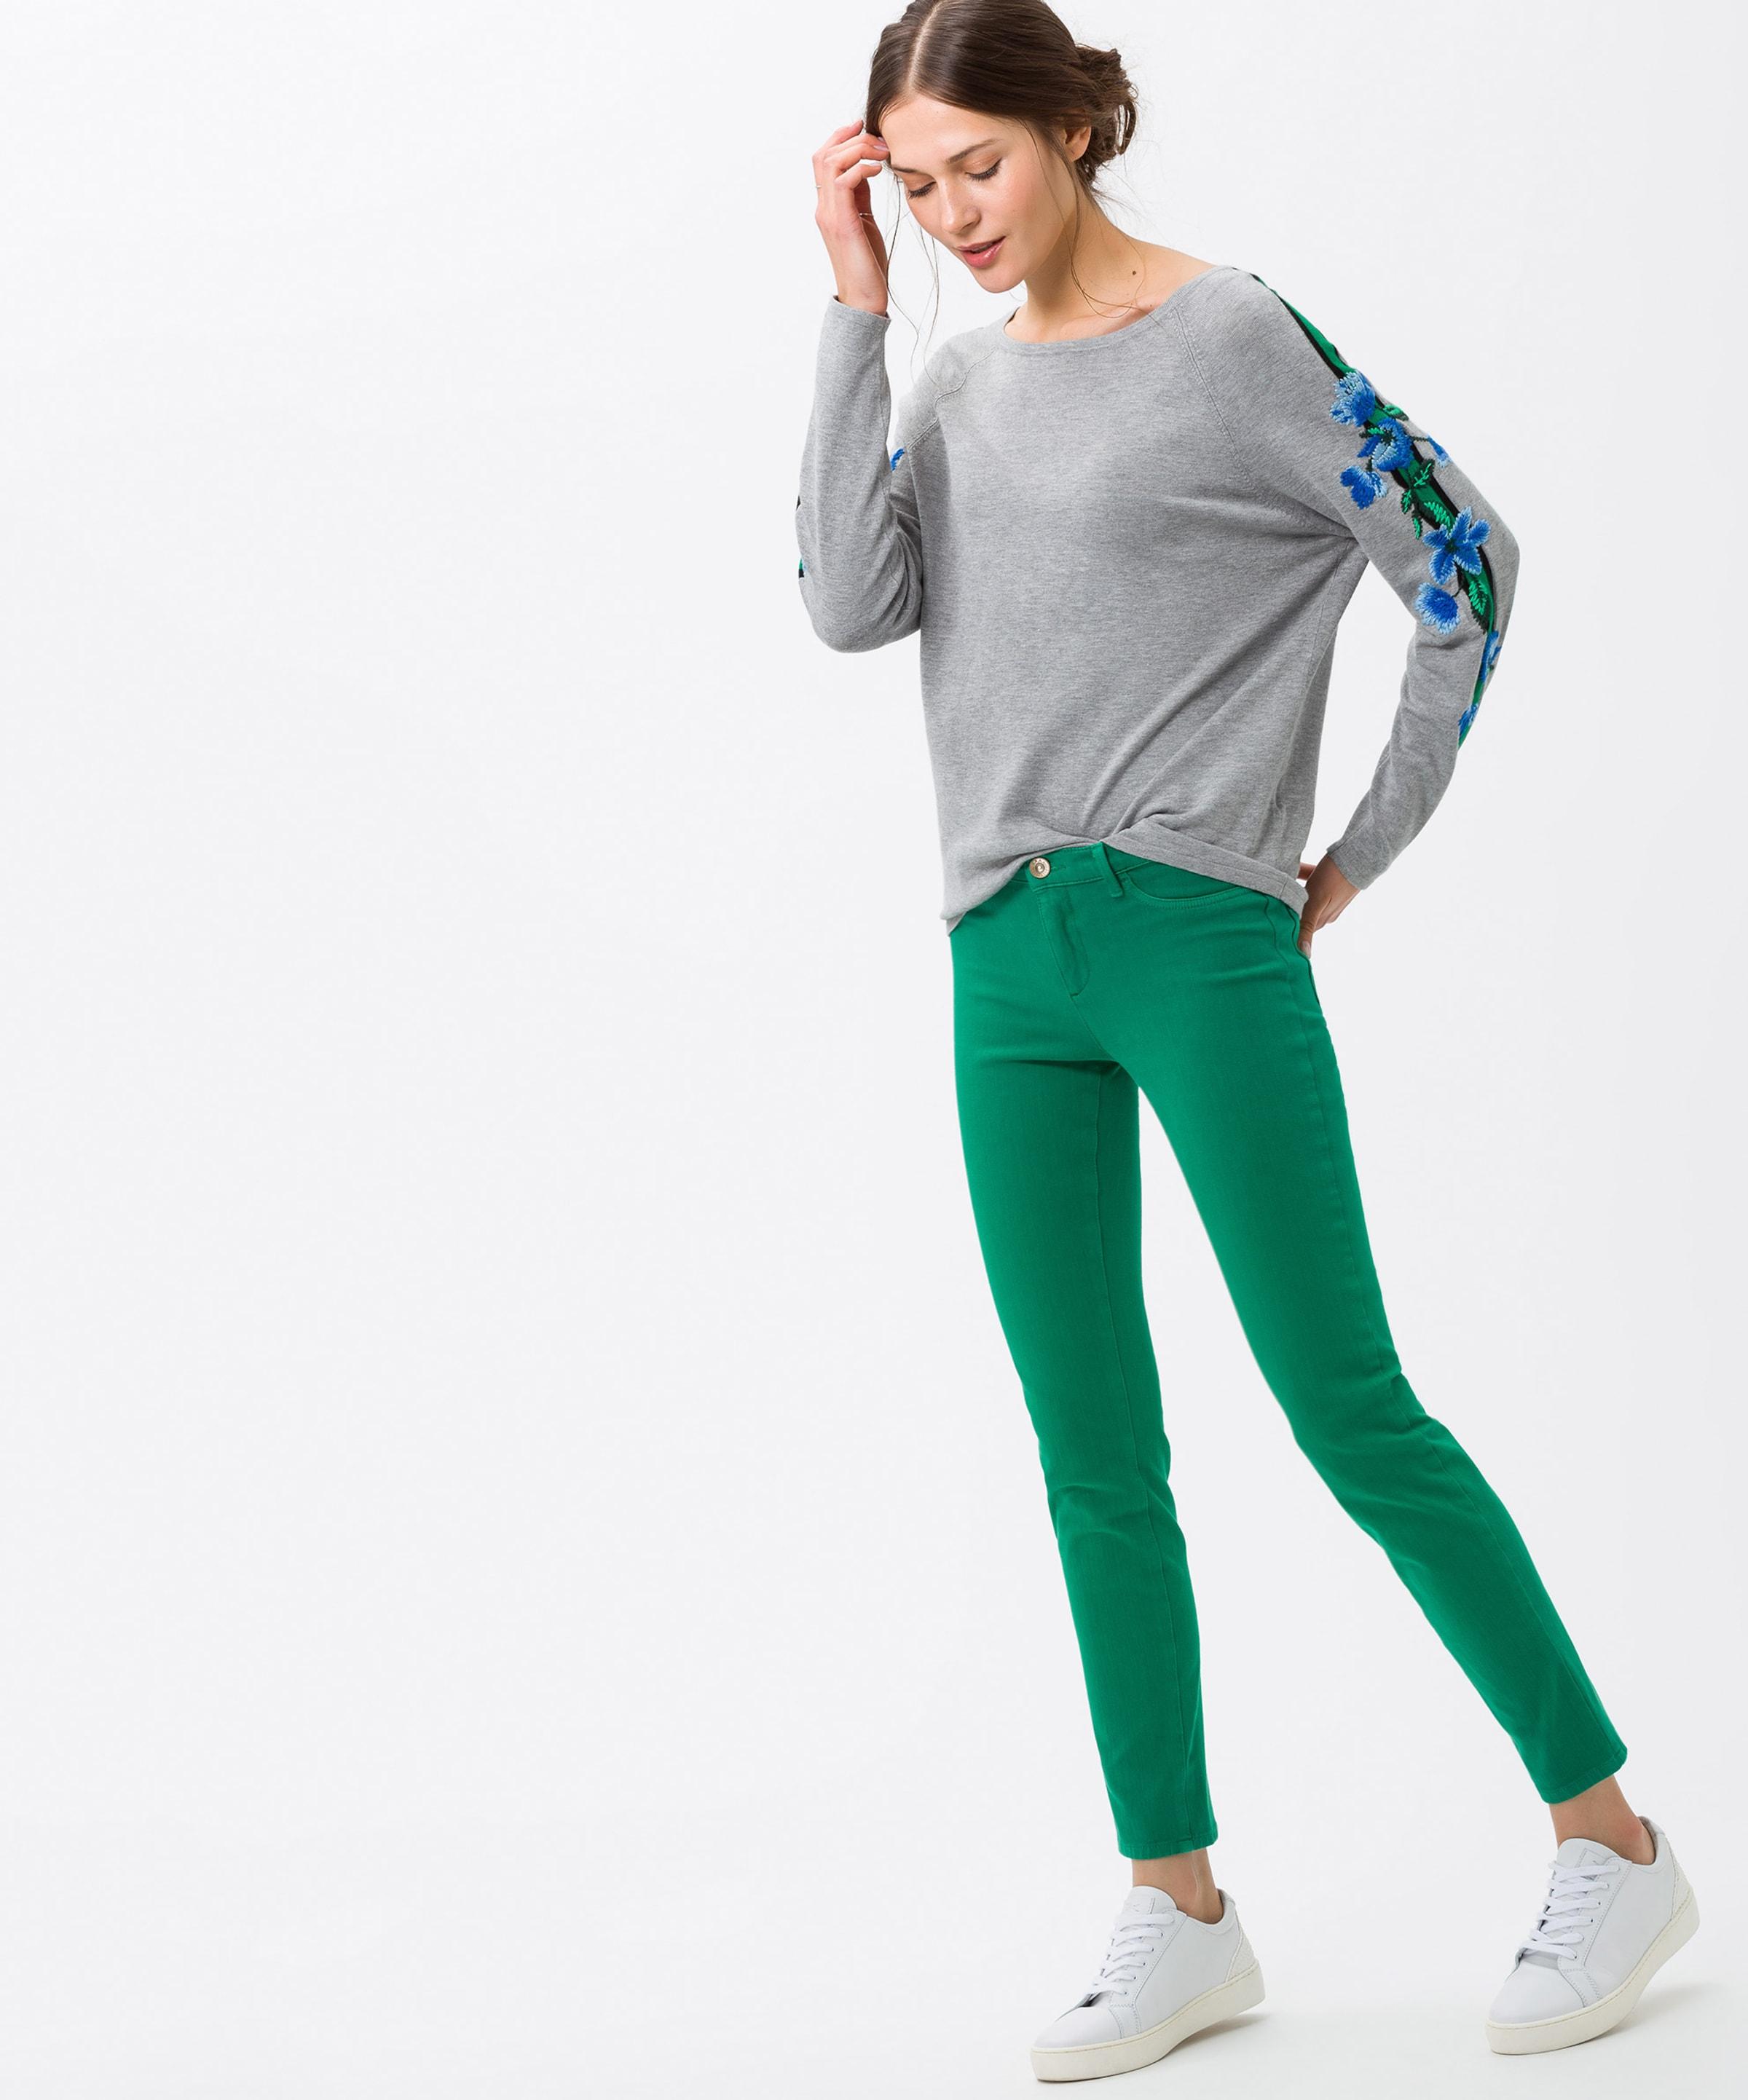 Brax Jeans 'spice' In Brax 'spice' Jeans In Grün v8n0mwN